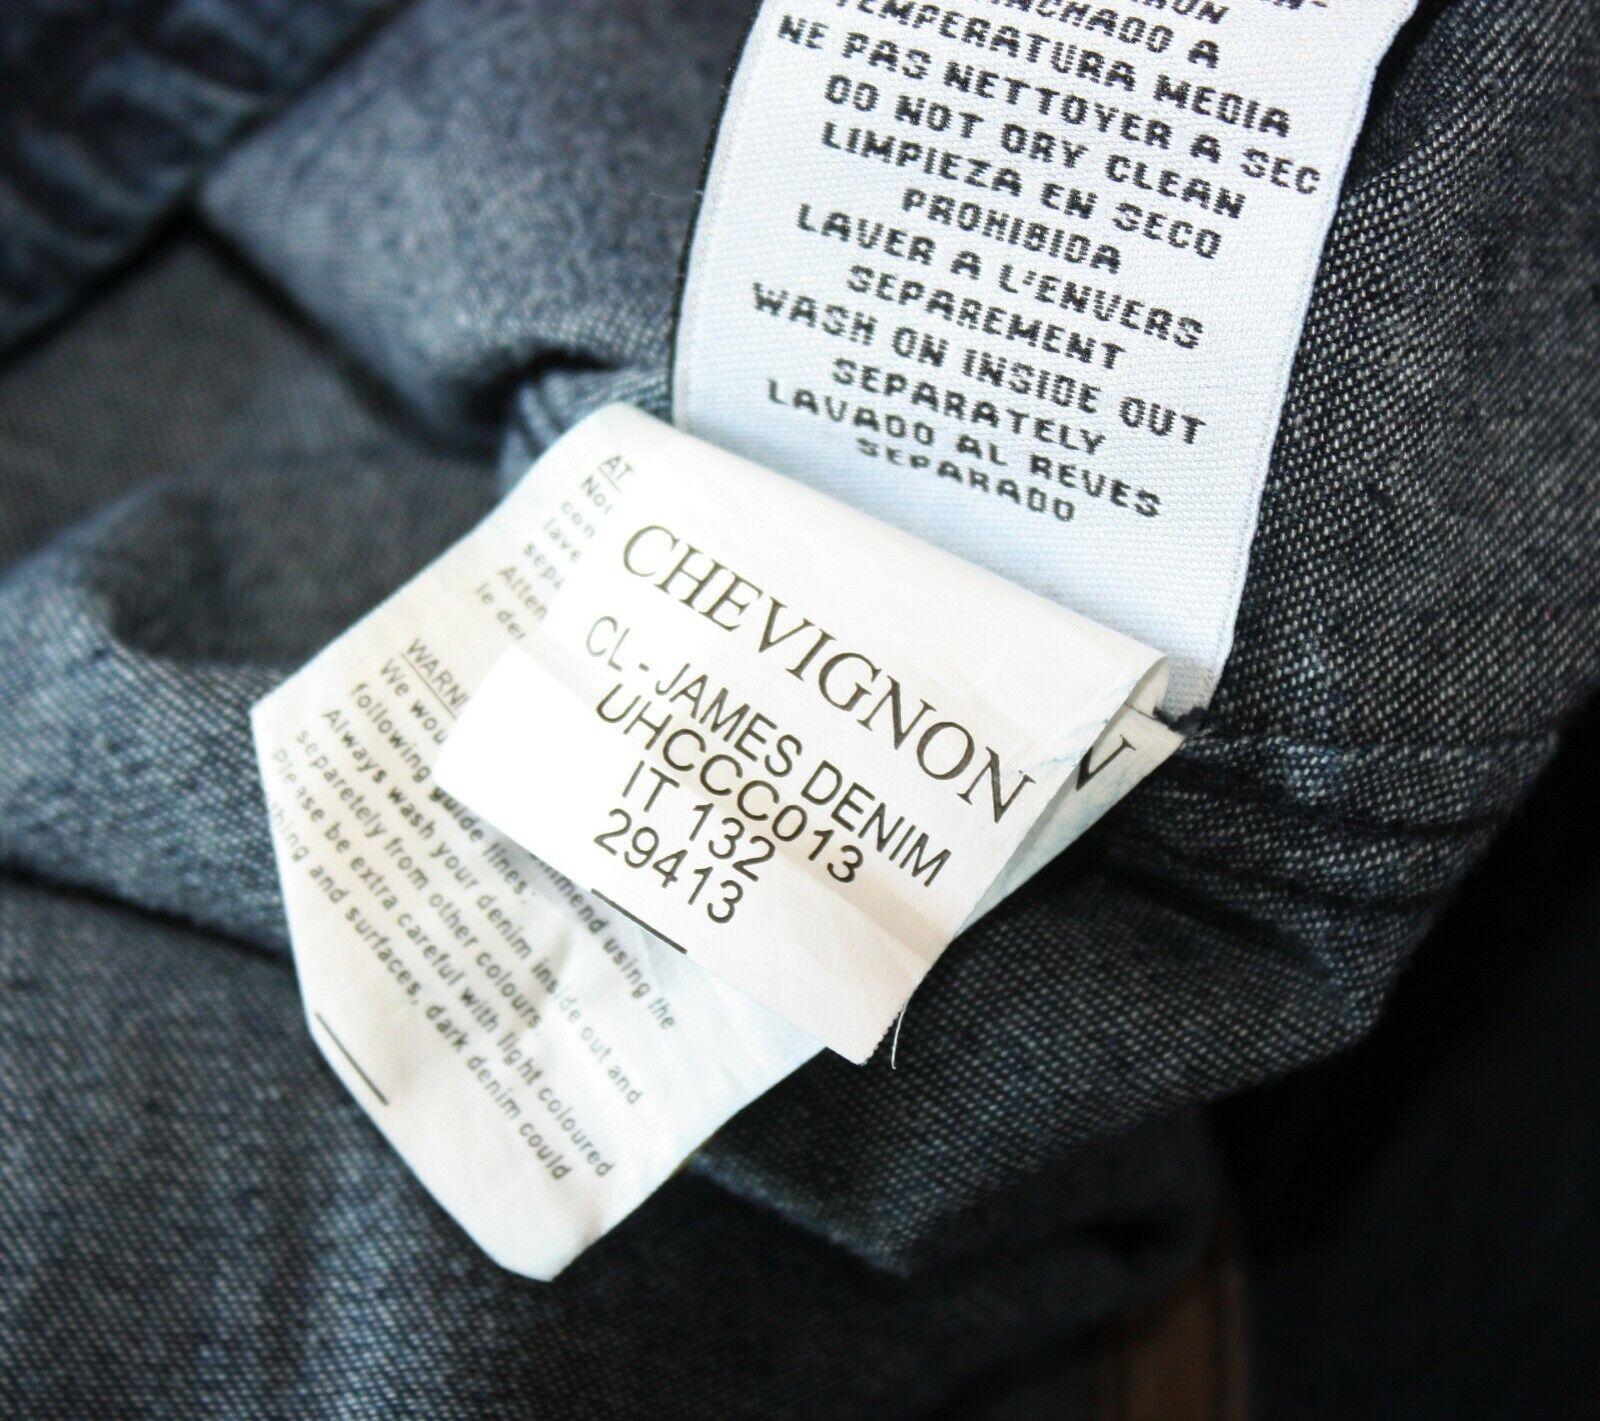 Chevignon - chemise en jean james togs denim shirt brut staight fit taille s